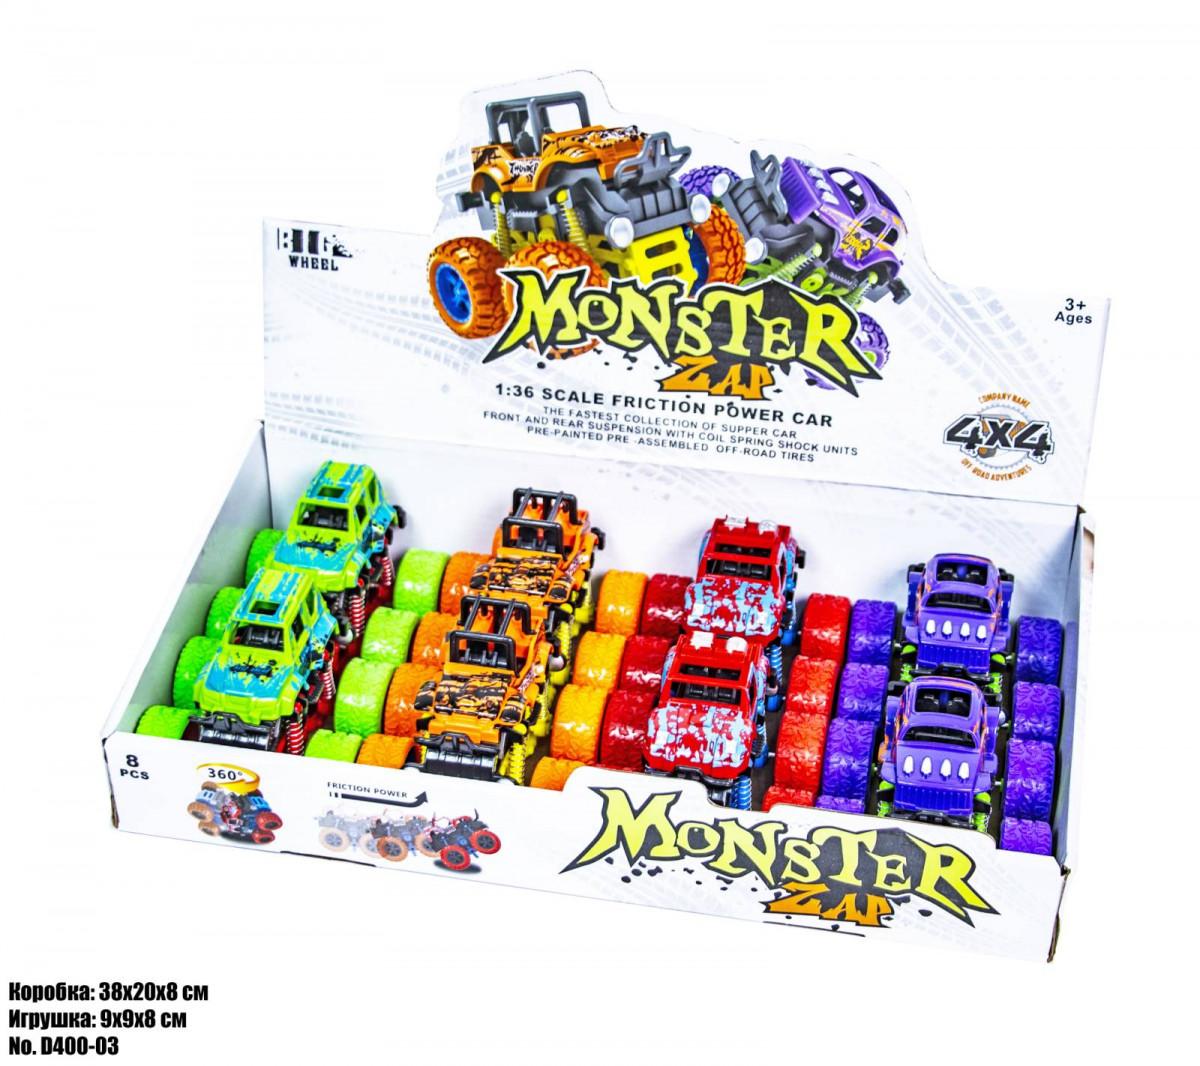 Маленькая трюковая машинка 4X4 Monster D400-03 оптом